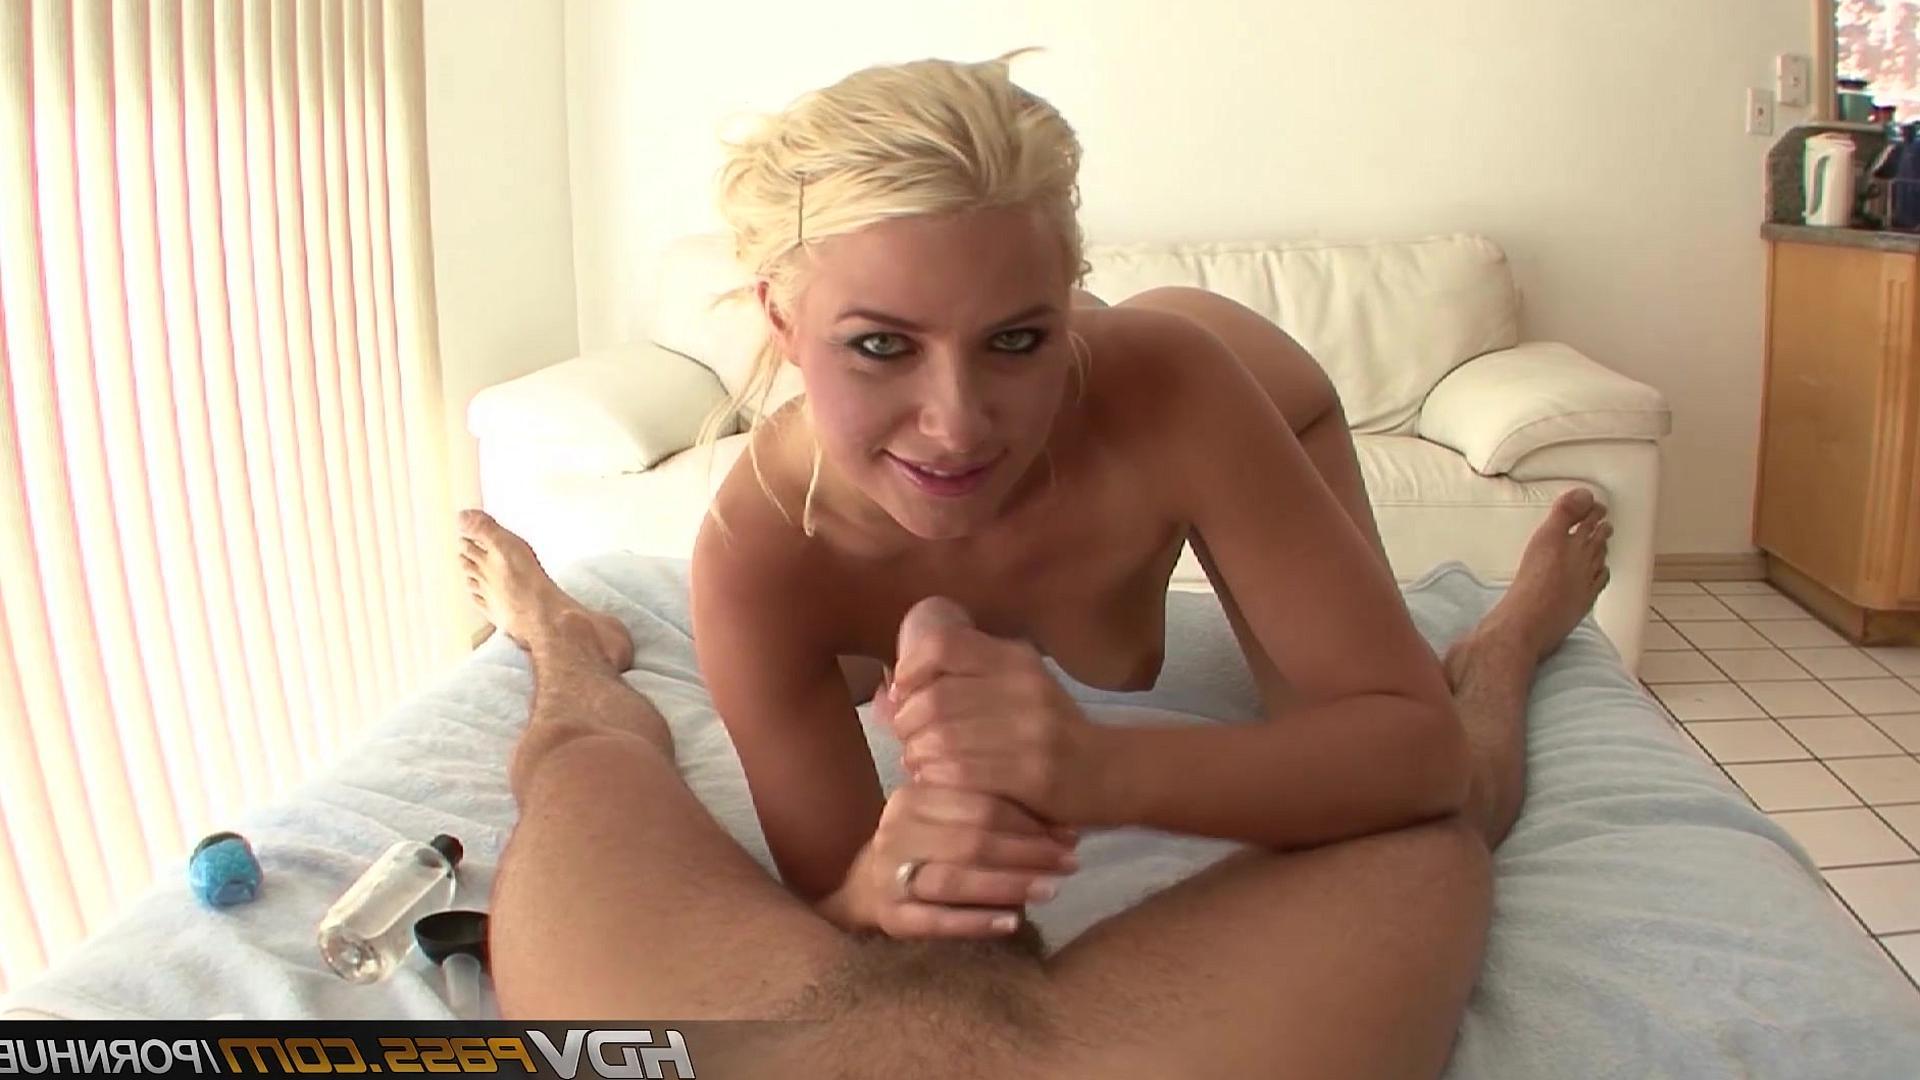 Громадный член в заднице грудастая силиконовая порно онлайн 1 фотография